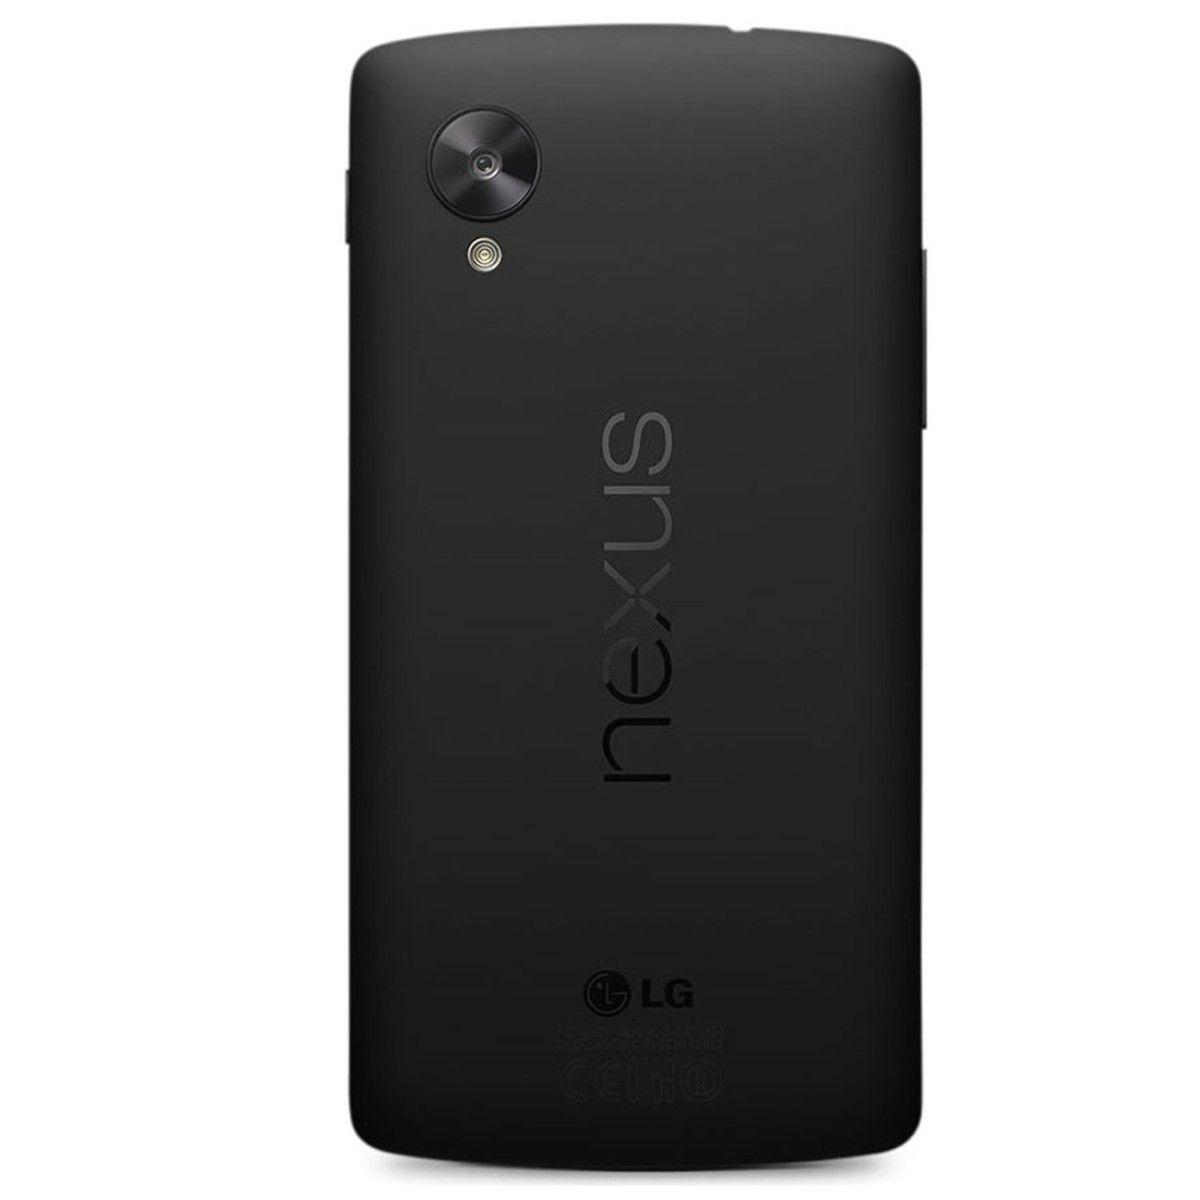 LG Google Nexus 5 : Caracteristicas y especificaciones